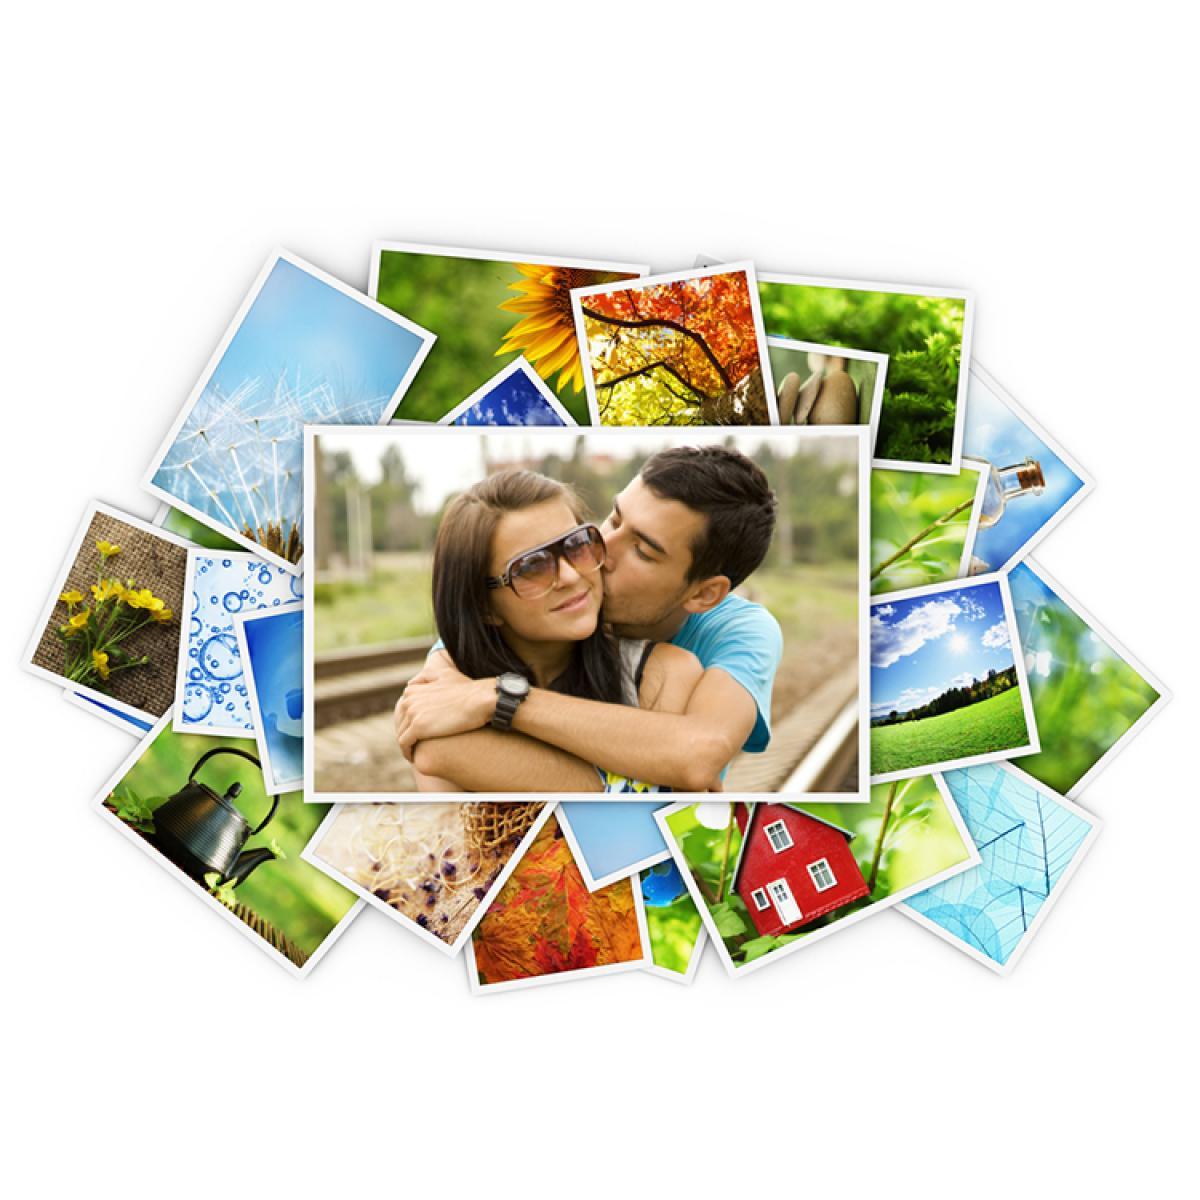 всех печать фотографий дешево иркутск марковна особо